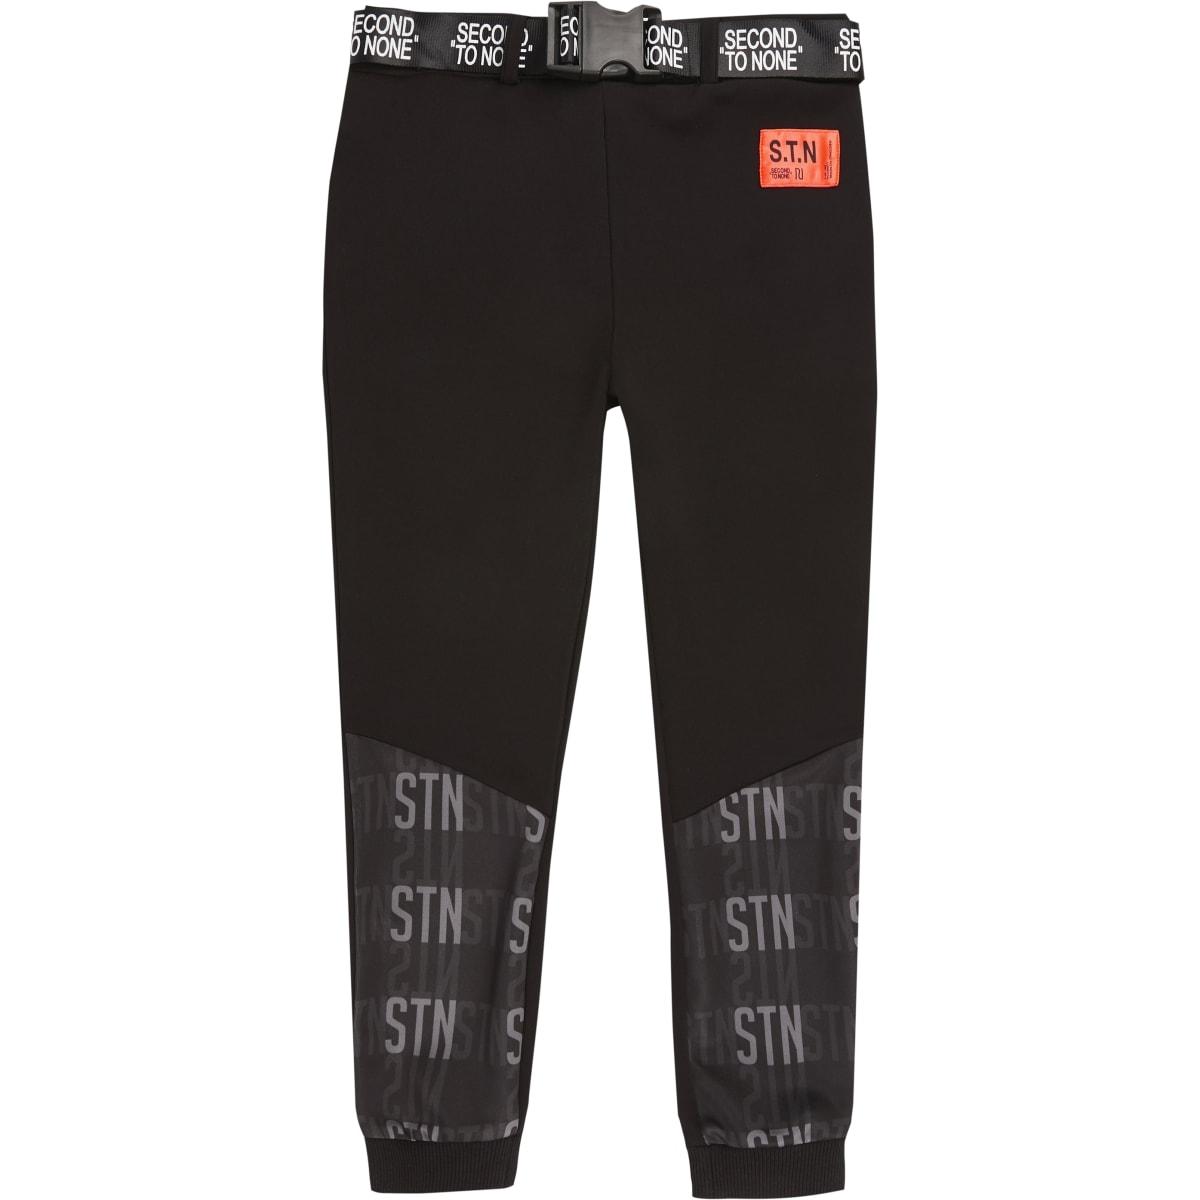 RI Active - Pantalon de jogging noir « STN» avec ceinture pour garçon